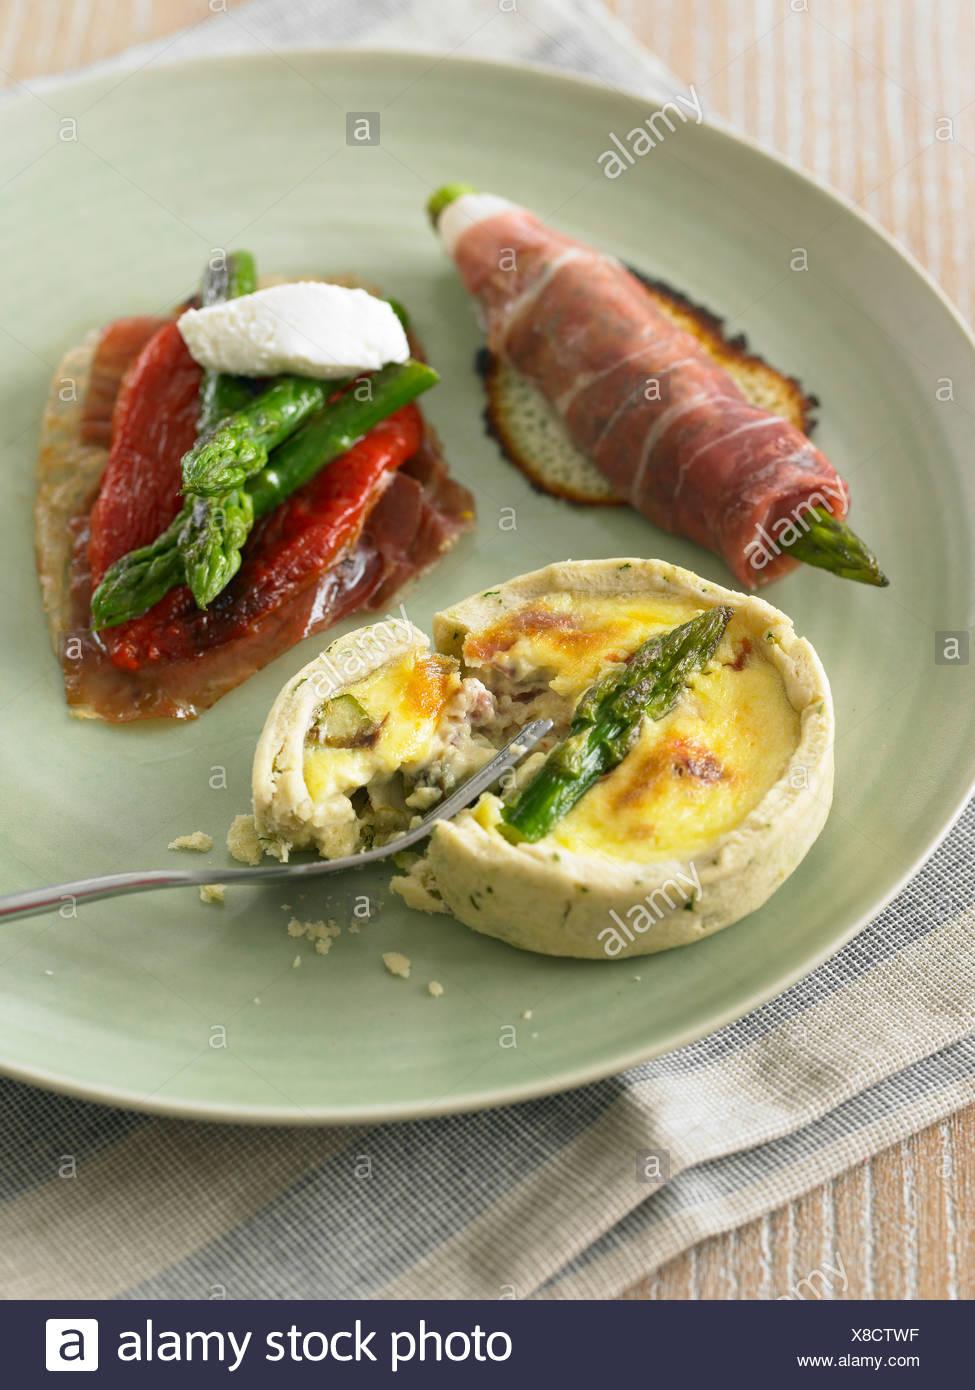 Il trio di partenti sulla piastra, asparagi avvolto in affumicato Prosciutto di parma, crostata di asparagi e prosciutto di Parma con peperoni rossi e gli asparagi Immagini Stock